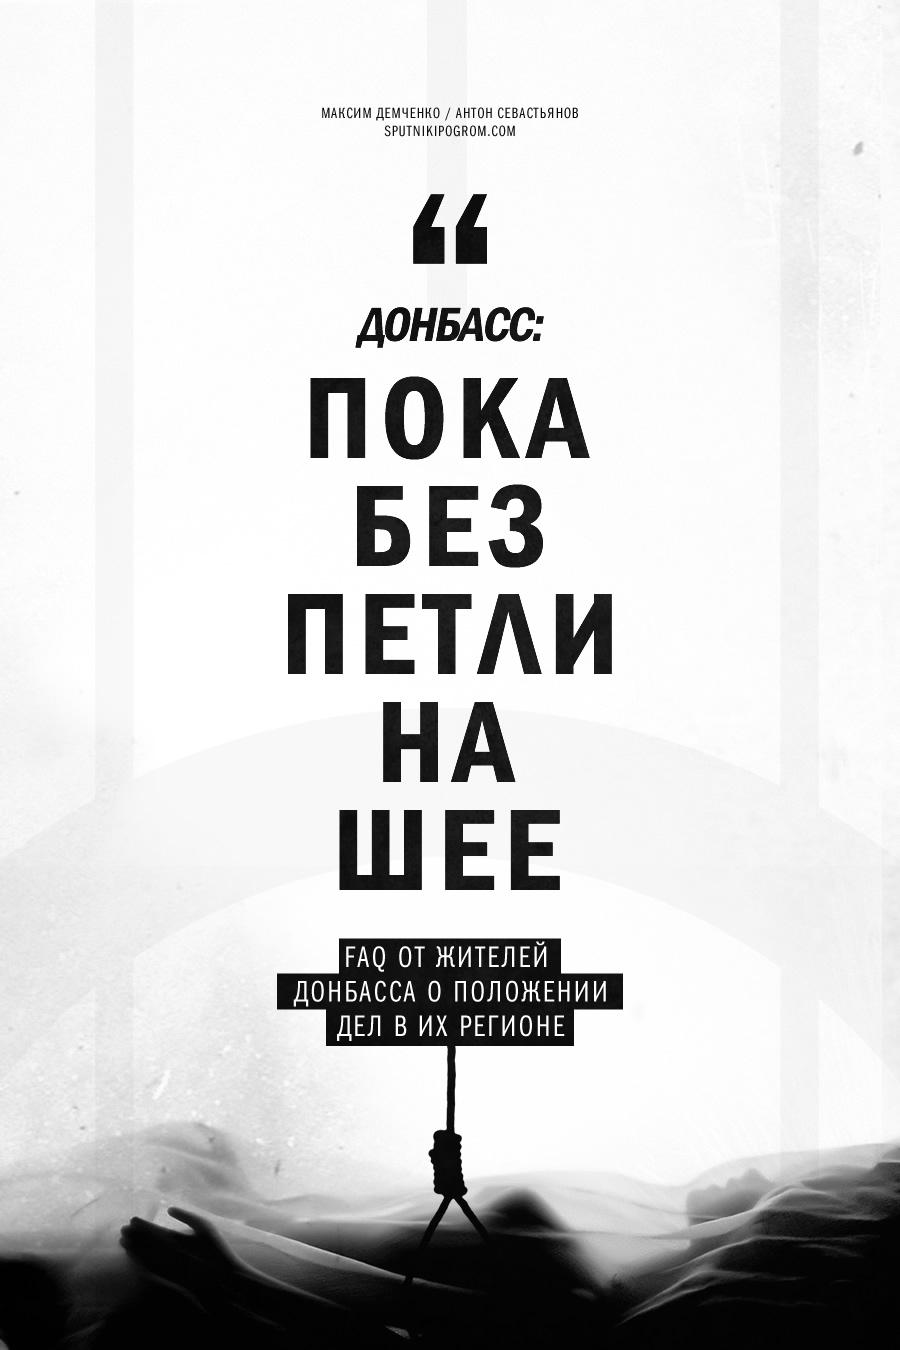 Пока без петли на шее (FAQ по событиям на Донбассе от местных жителей)